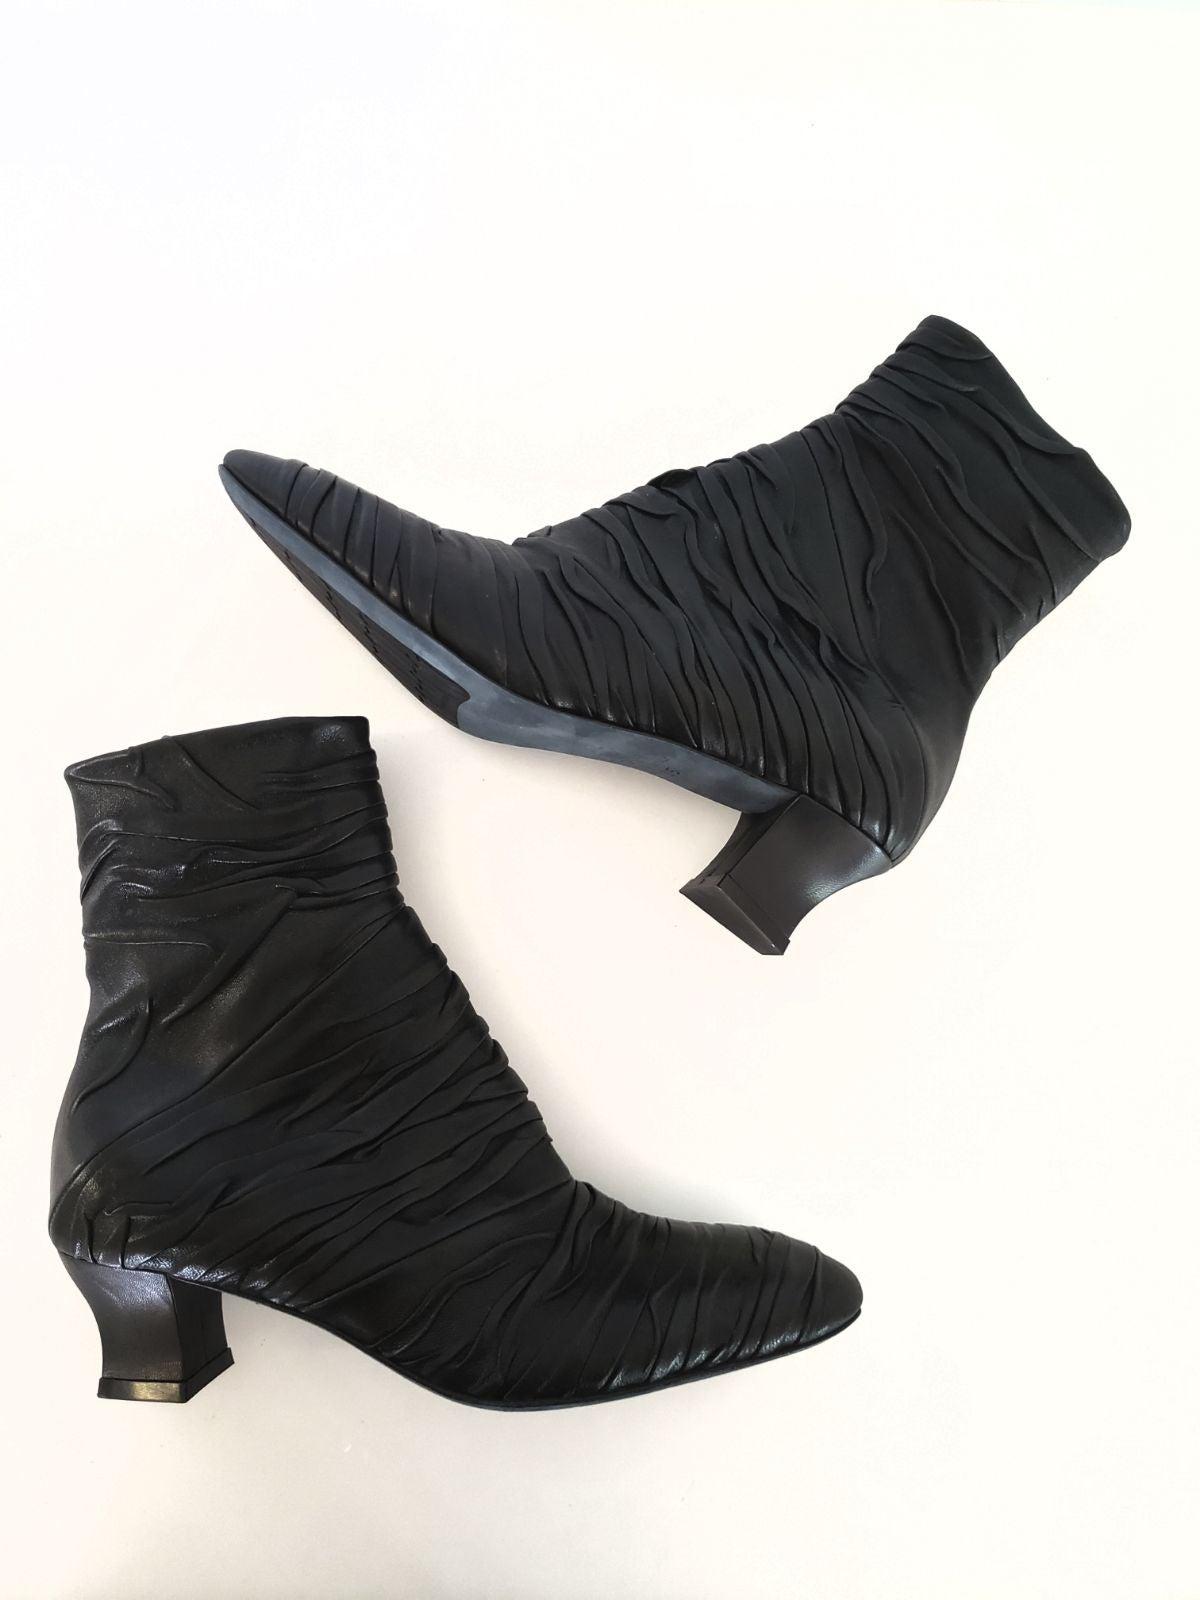 Thierry rabotin black bootie